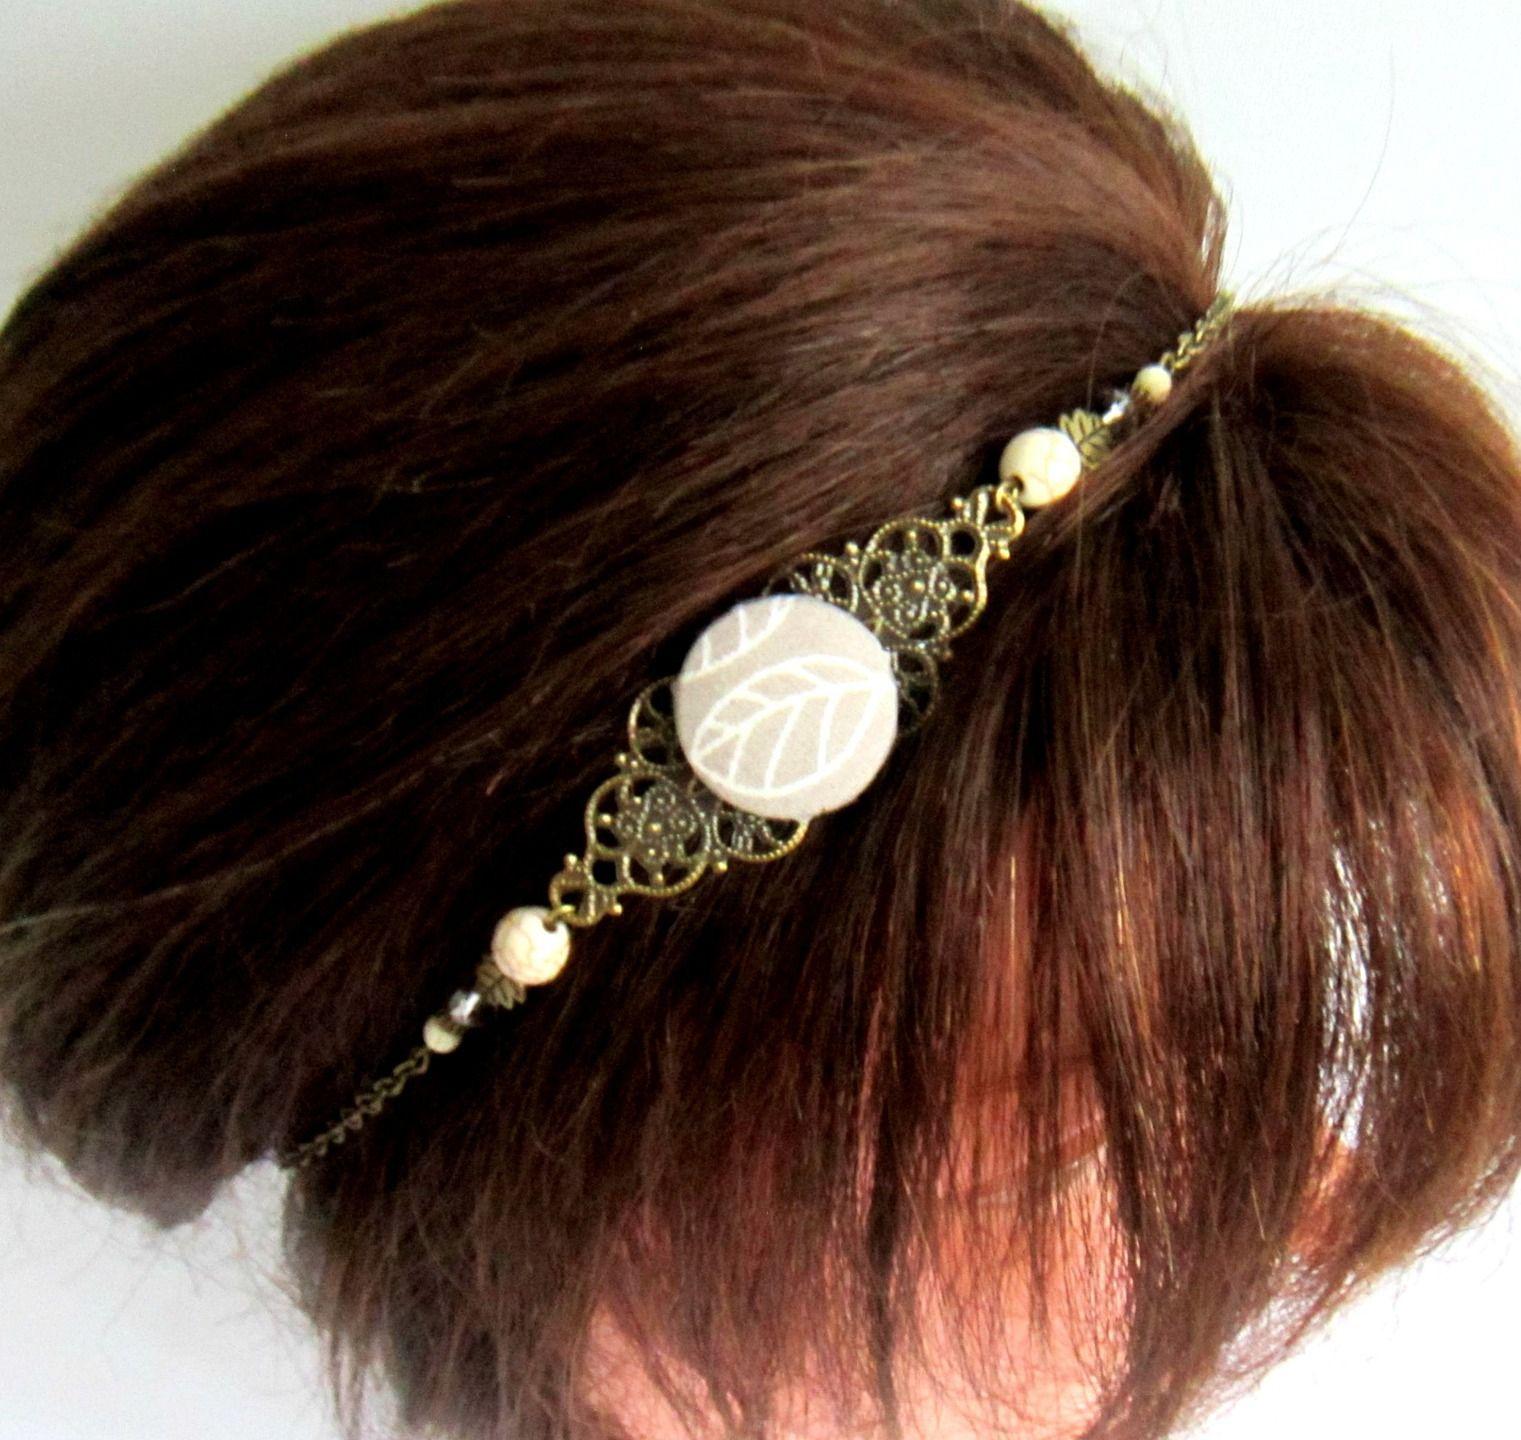 Headband bohème chic bronze blanc et taupe , bijou de tête, collier, cabochon en tissu taupe à motif feuille : Accessoires coiffure par color-life-bijoux